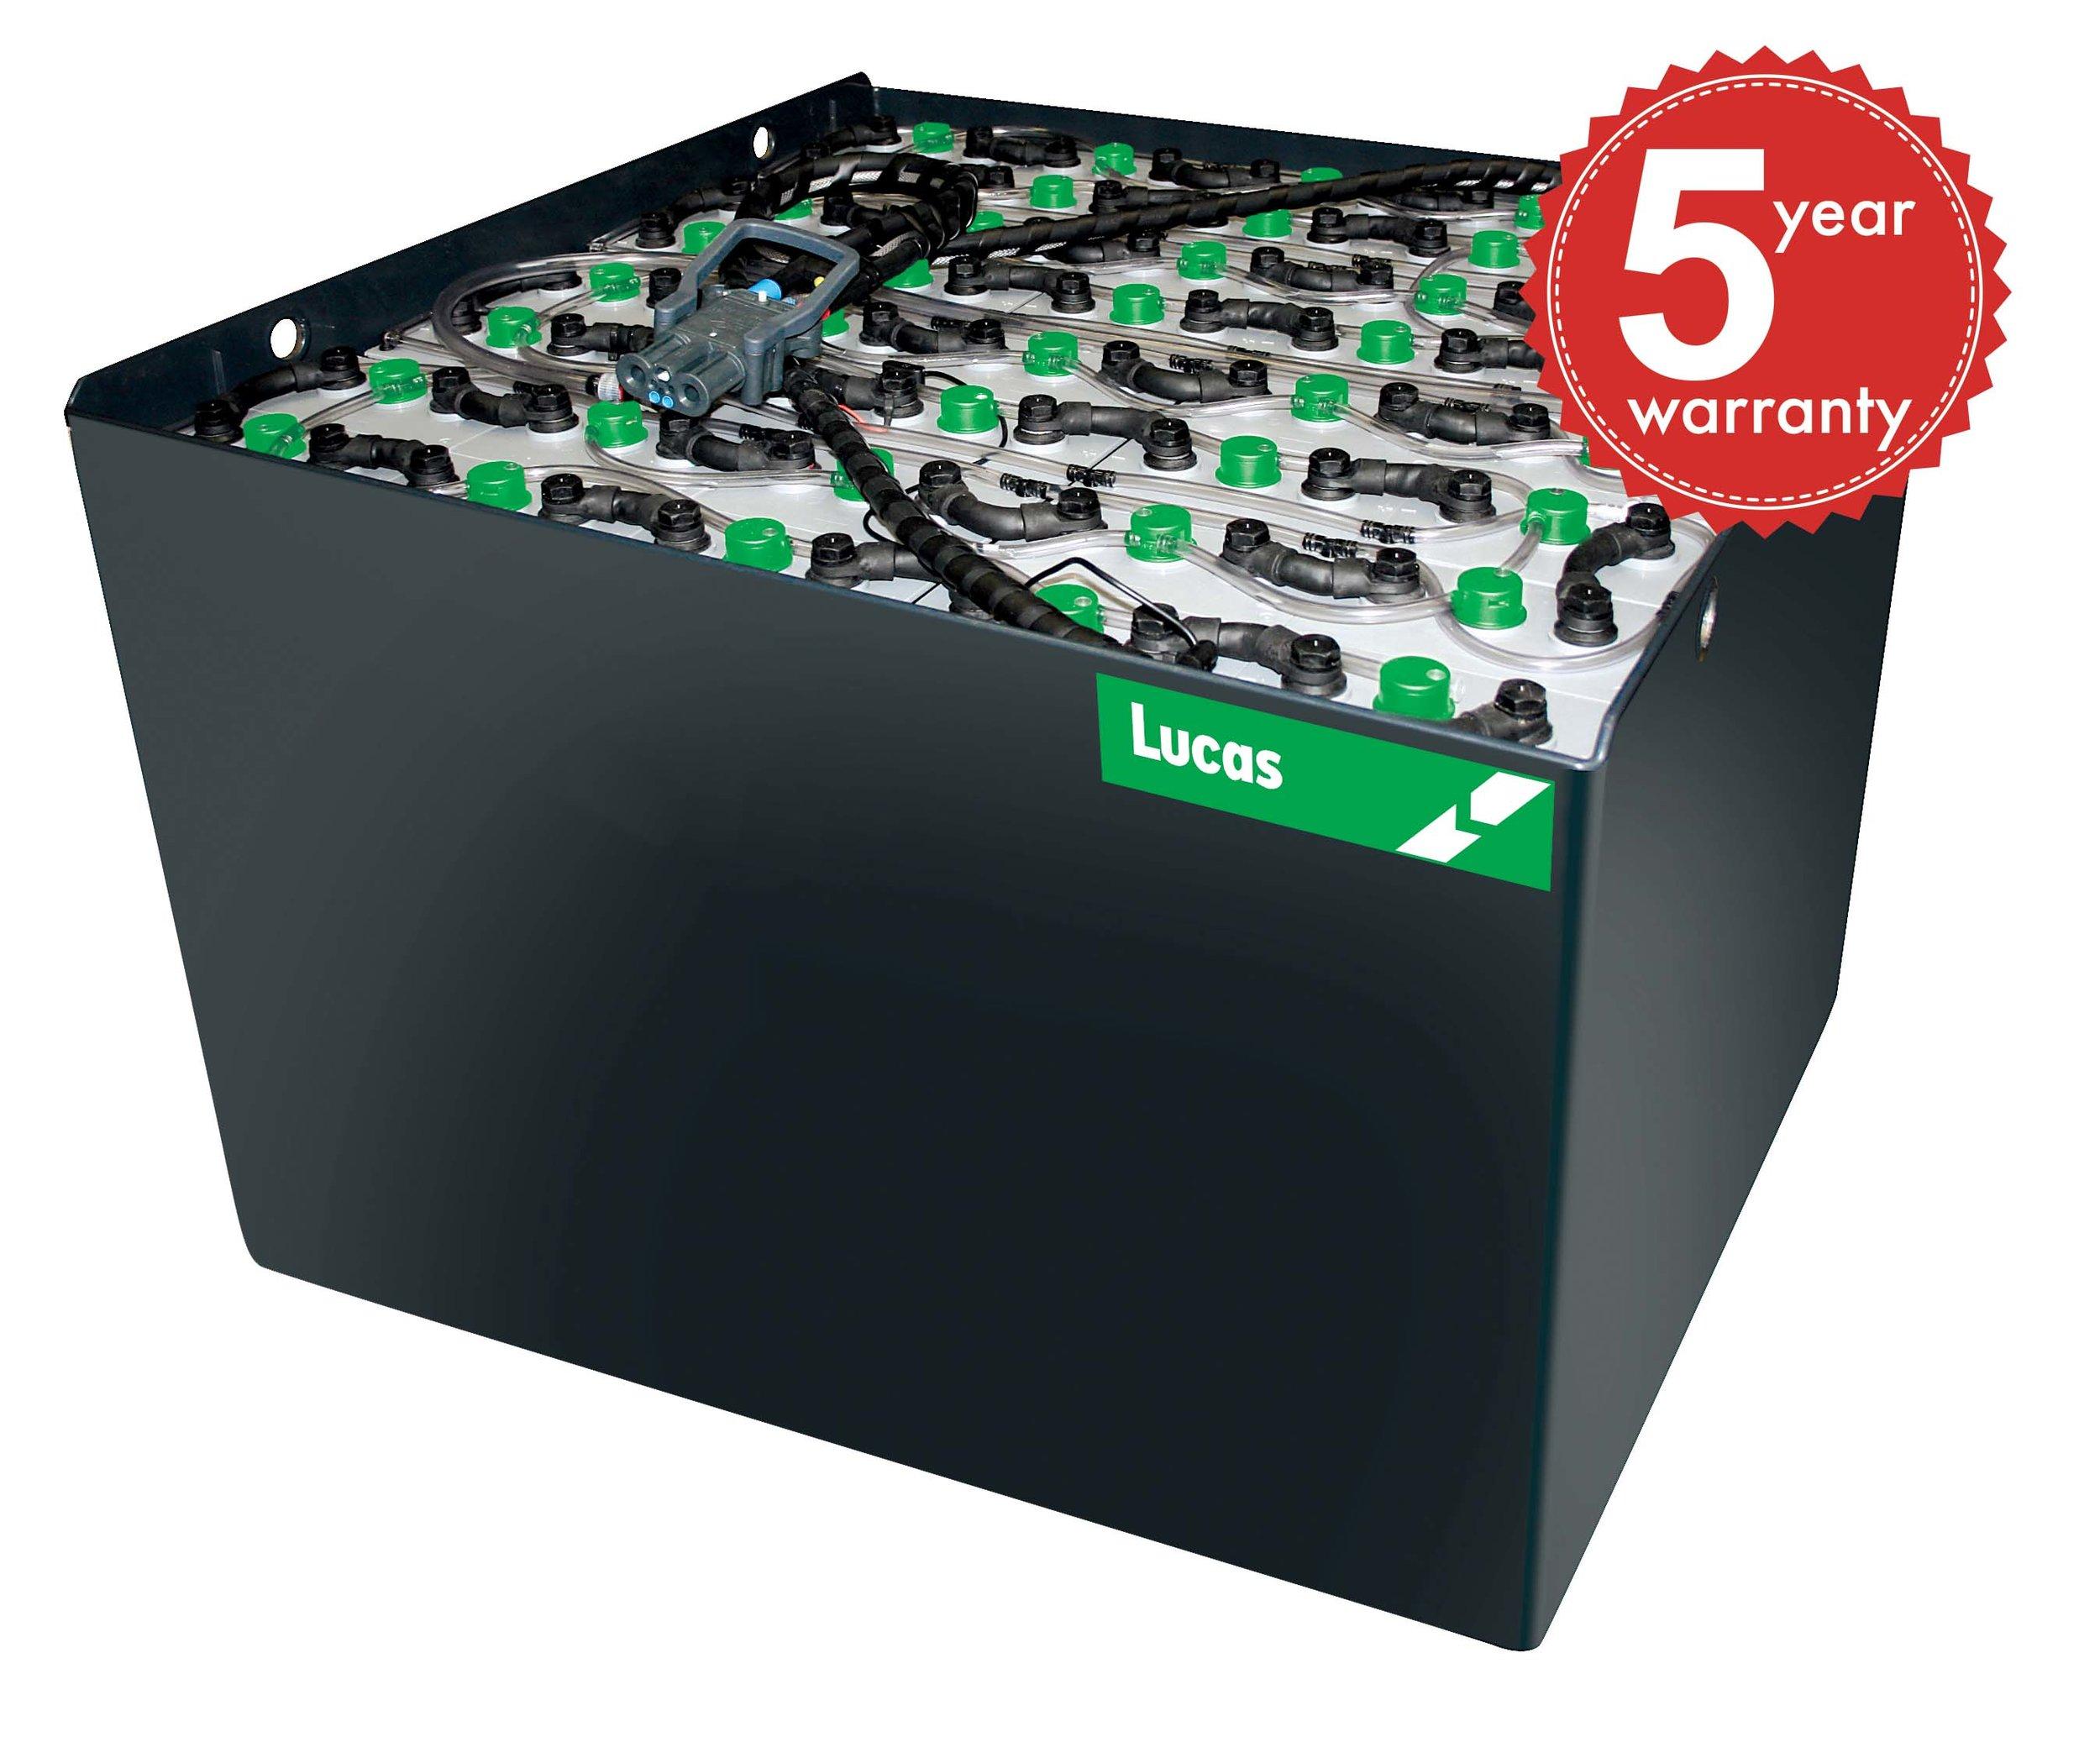 Lucas Battery 5 year warranty